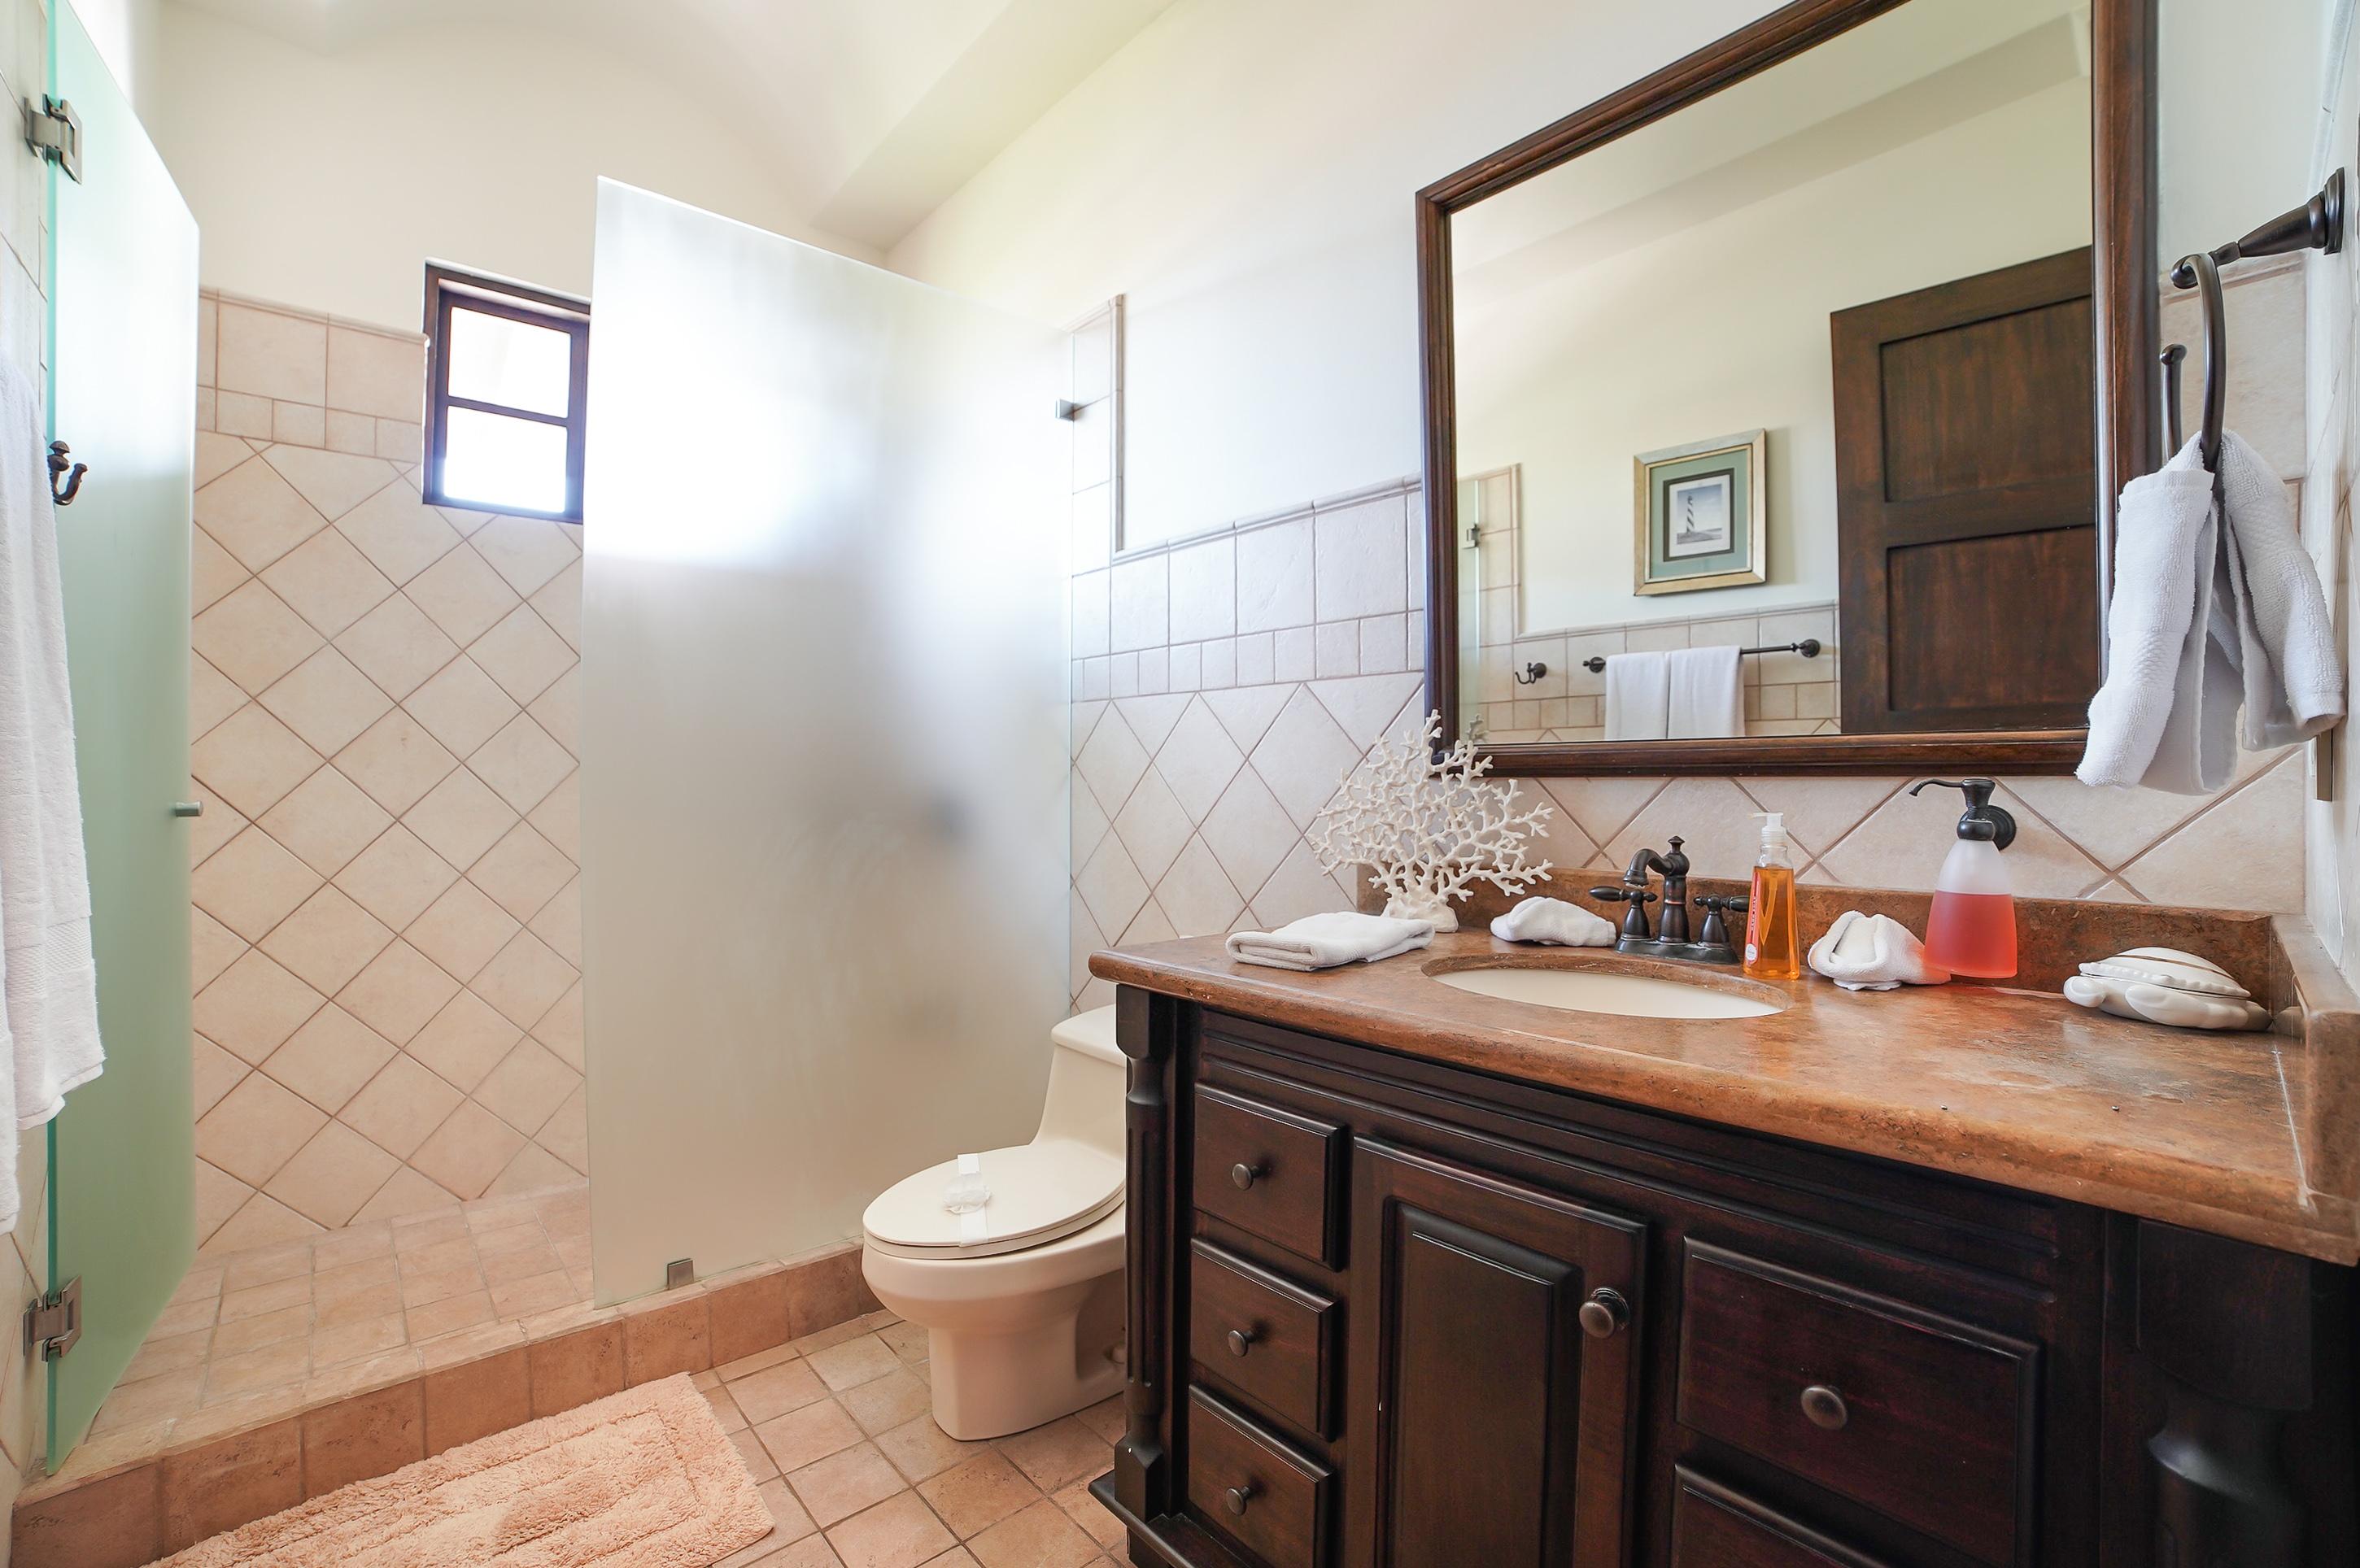 Luxury full bathroom